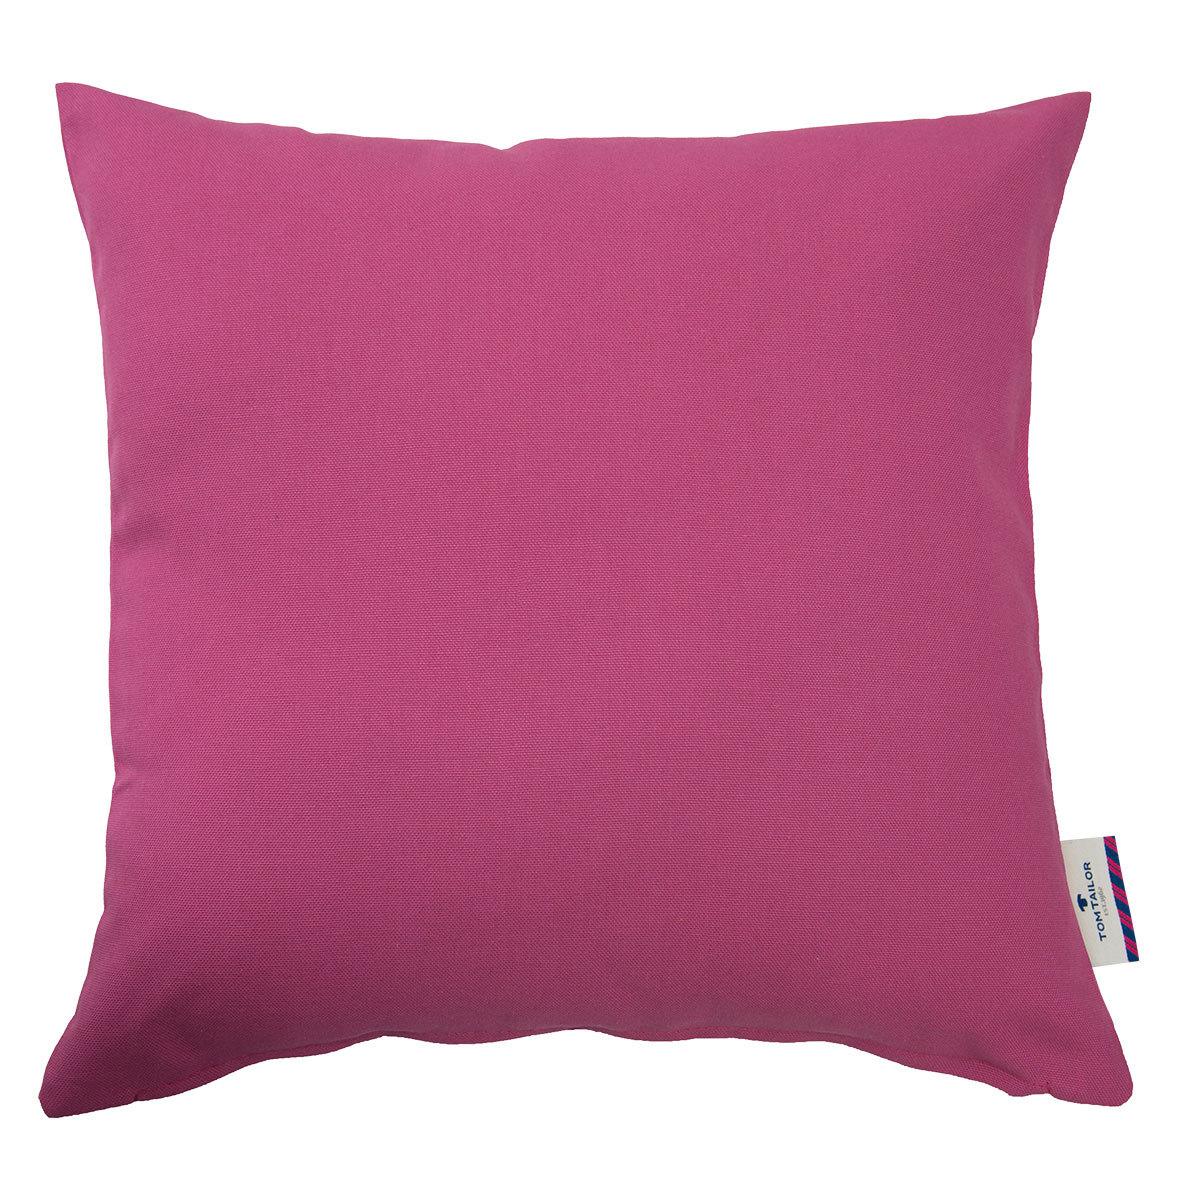 tom tailor uni kissenh lle t dove g nstig online kaufen bei bettwaren shop. Black Bedroom Furniture Sets. Home Design Ideas